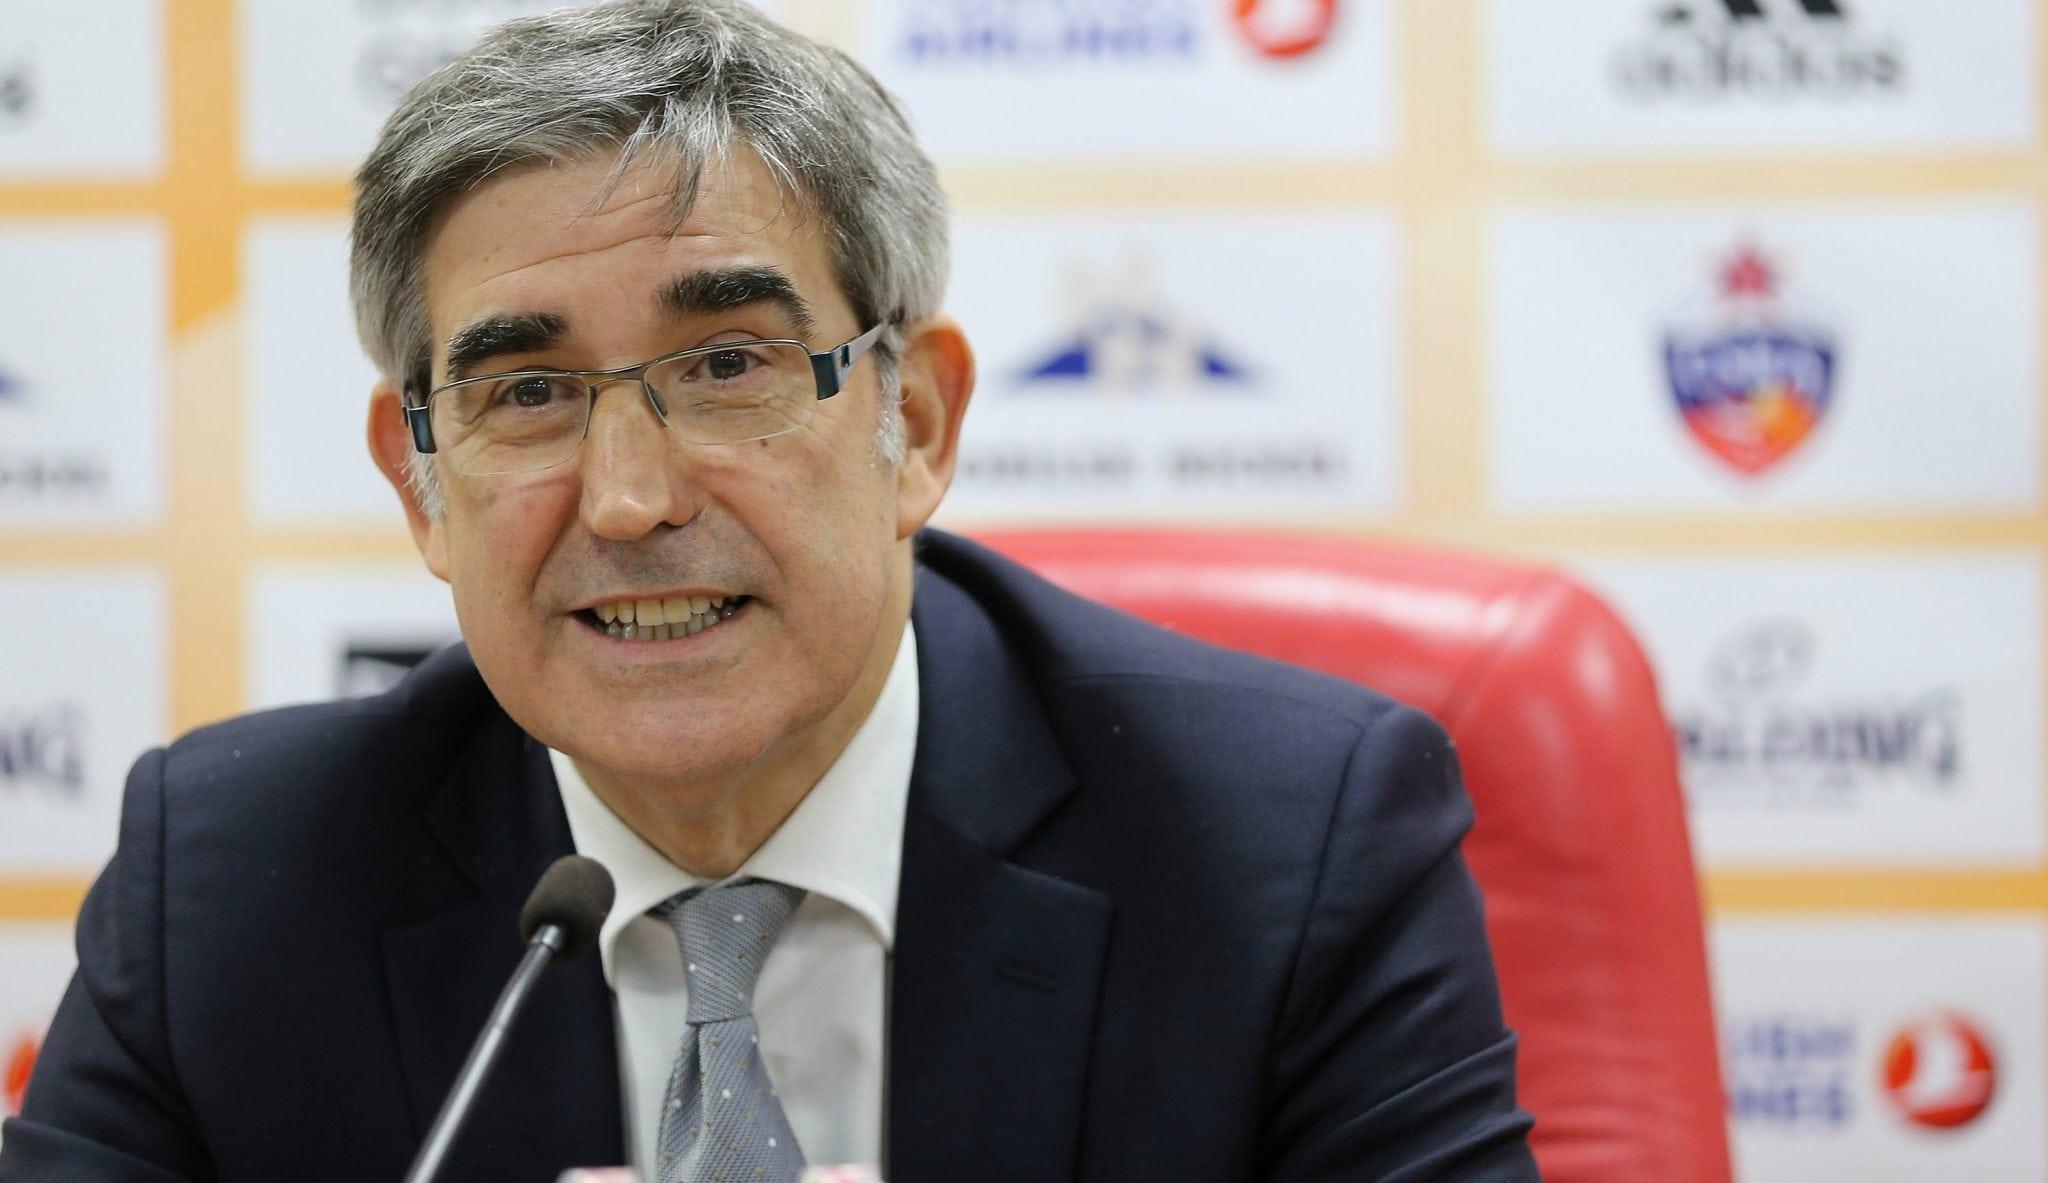 Bertomeu quiere «recompensar» a la ACB: una cuarta plaza en Euroliga si renuncia a la FIBA